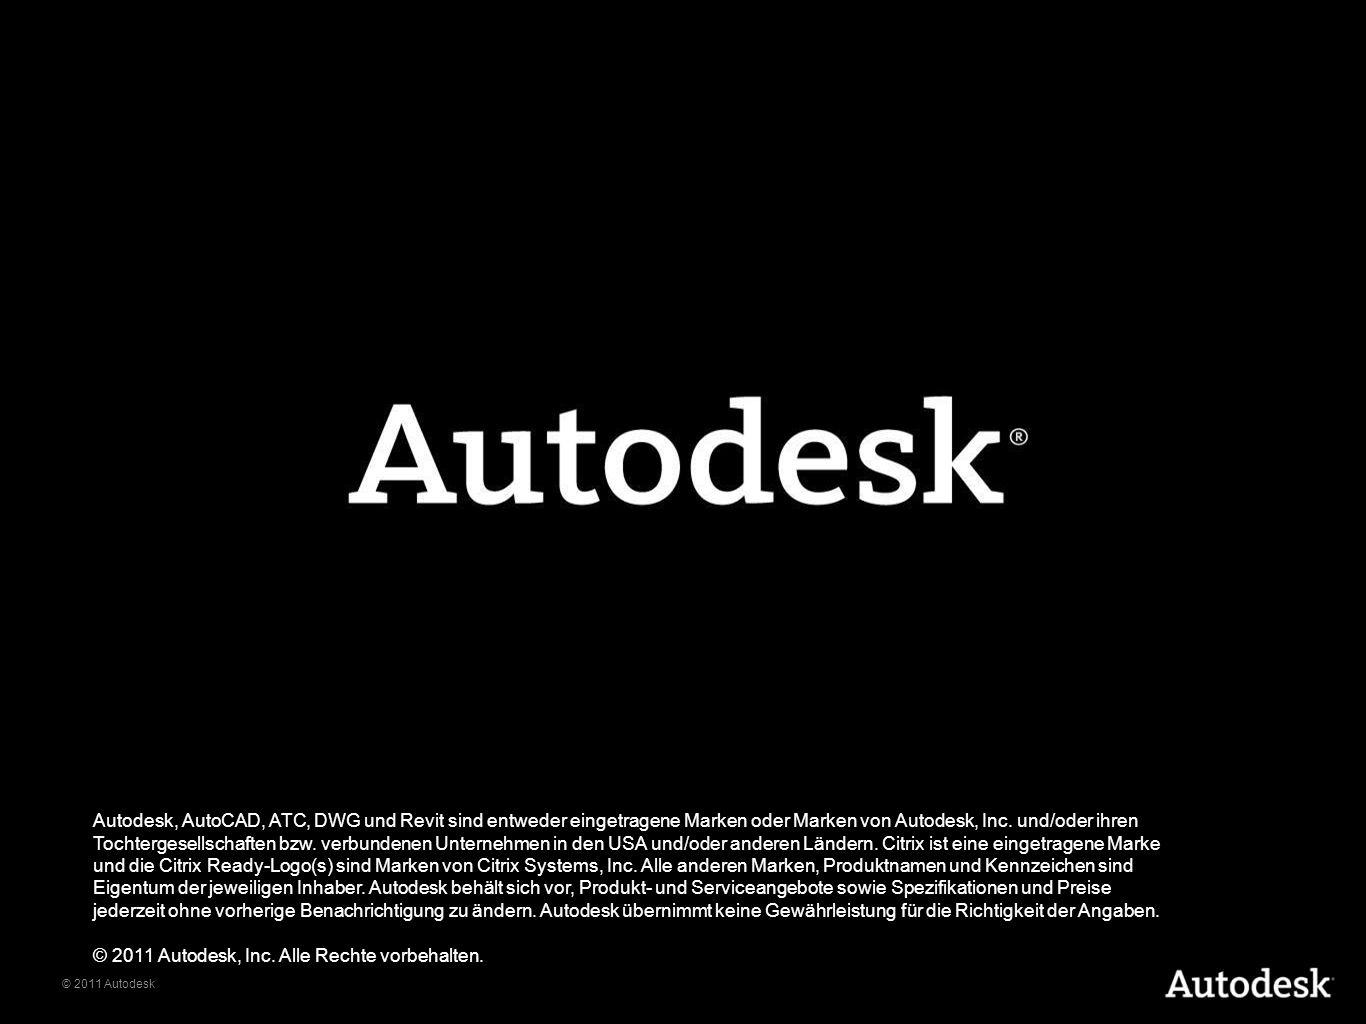 © 2011 Autodesk Autodesk, AutoCAD, ATC, DWG und Revit sind entweder eingetragene Marken oder Marken von Autodesk, Inc.